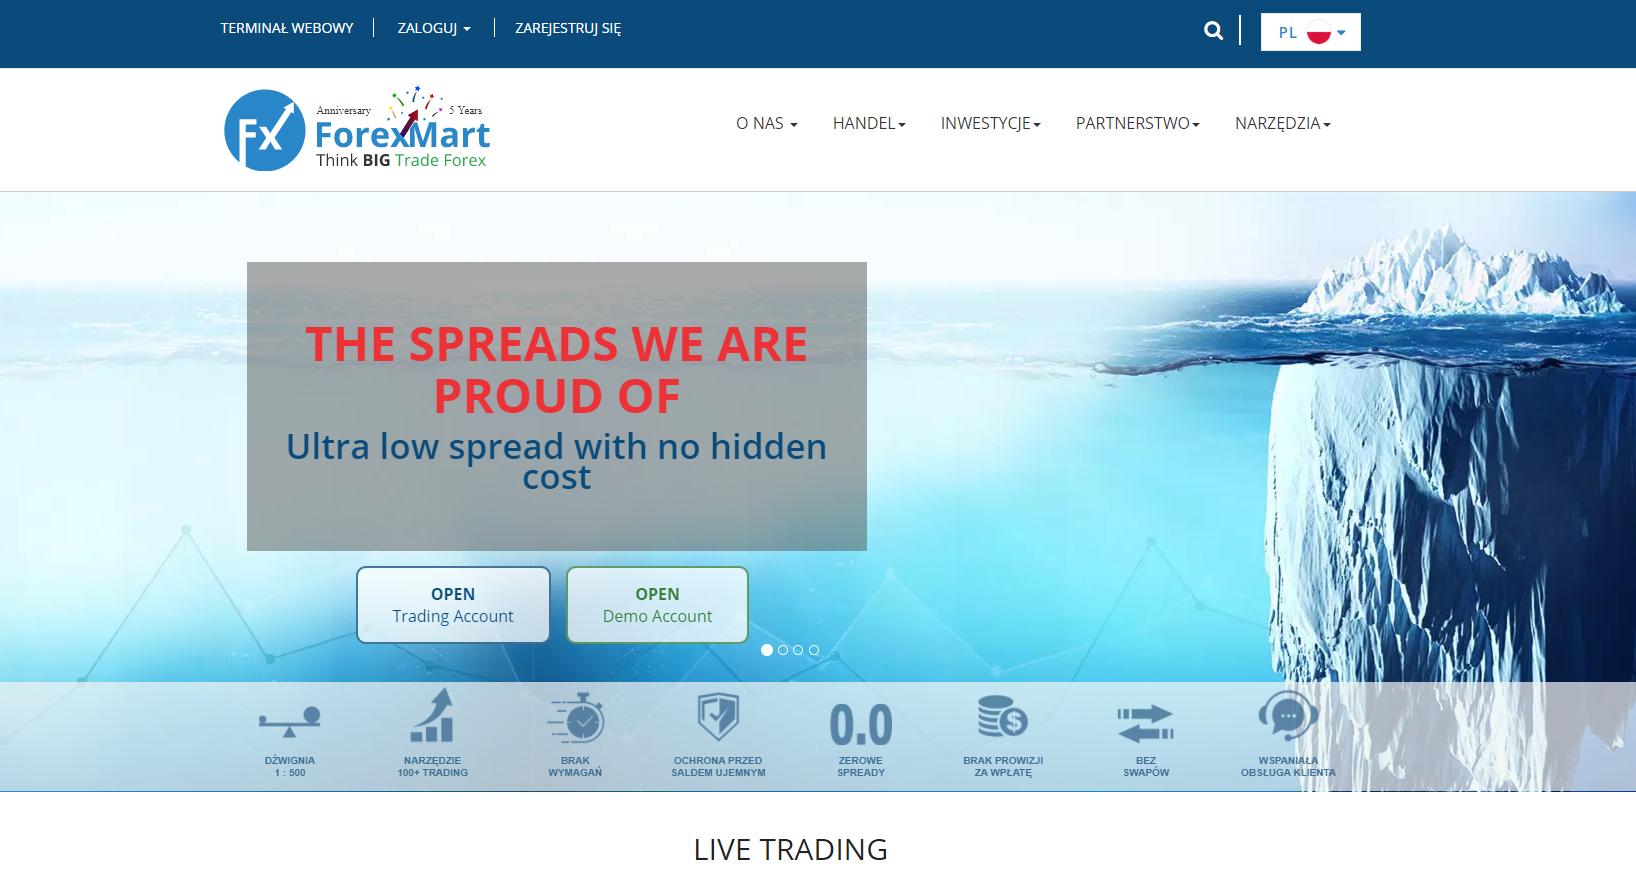 Broker Forexmart: opis spółki